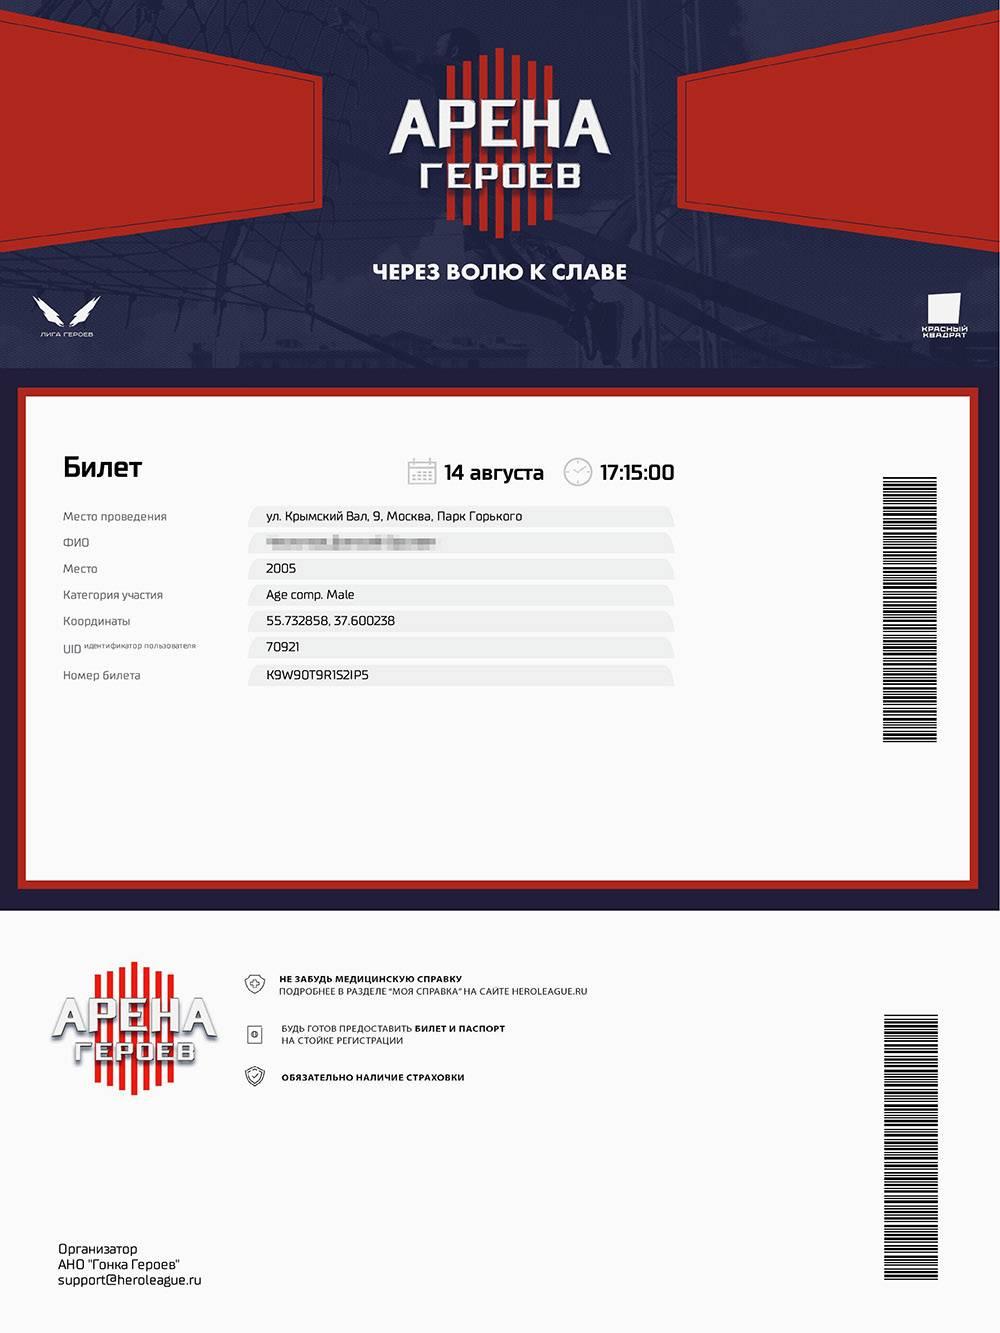 Это билет на соревнования «Арена героев» в 2021году. В билете указаны дата и время старта, а также порядковый номер участника